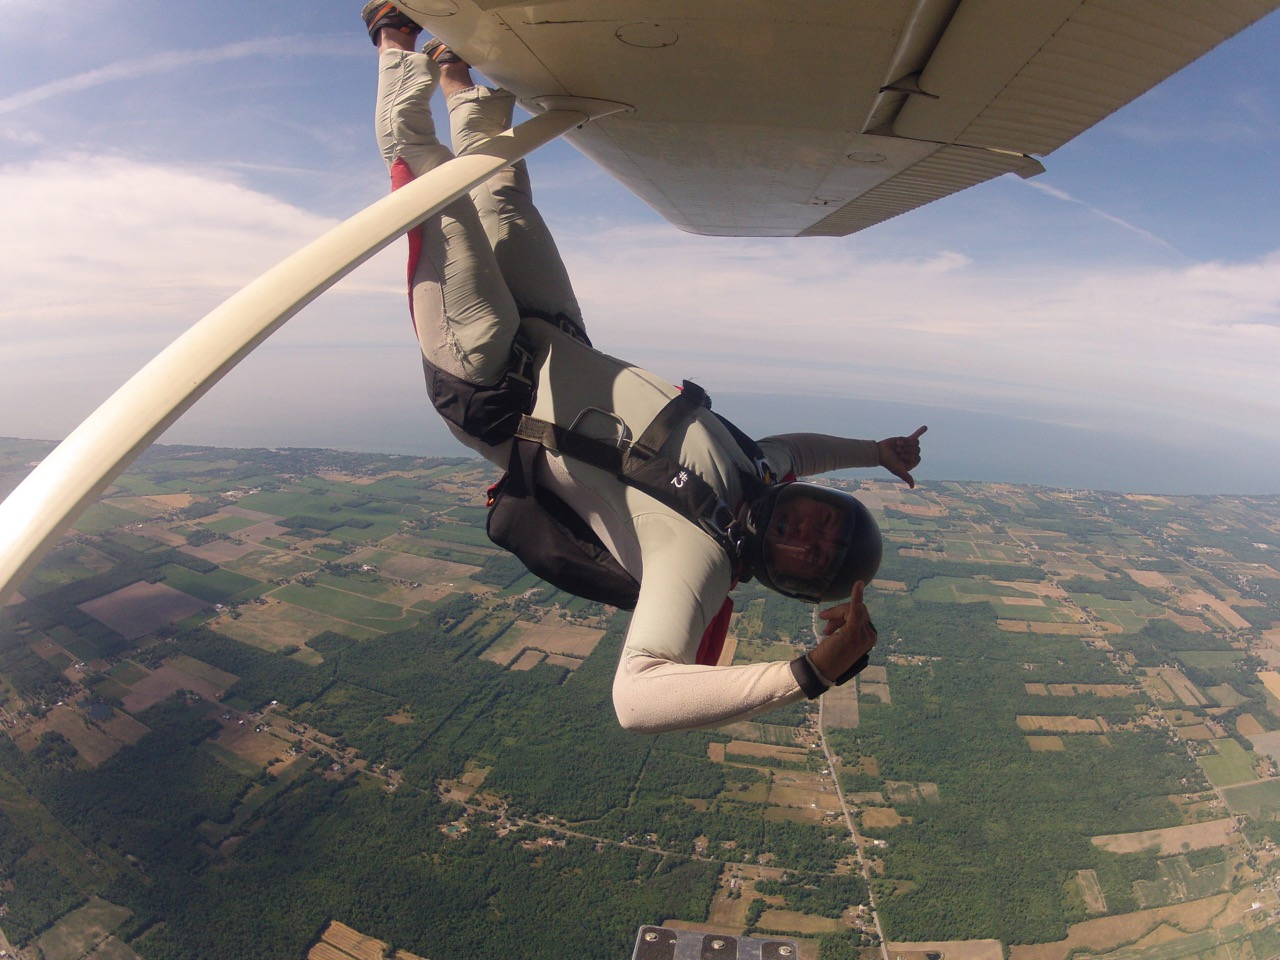 University at Buffalo Skydiving Club